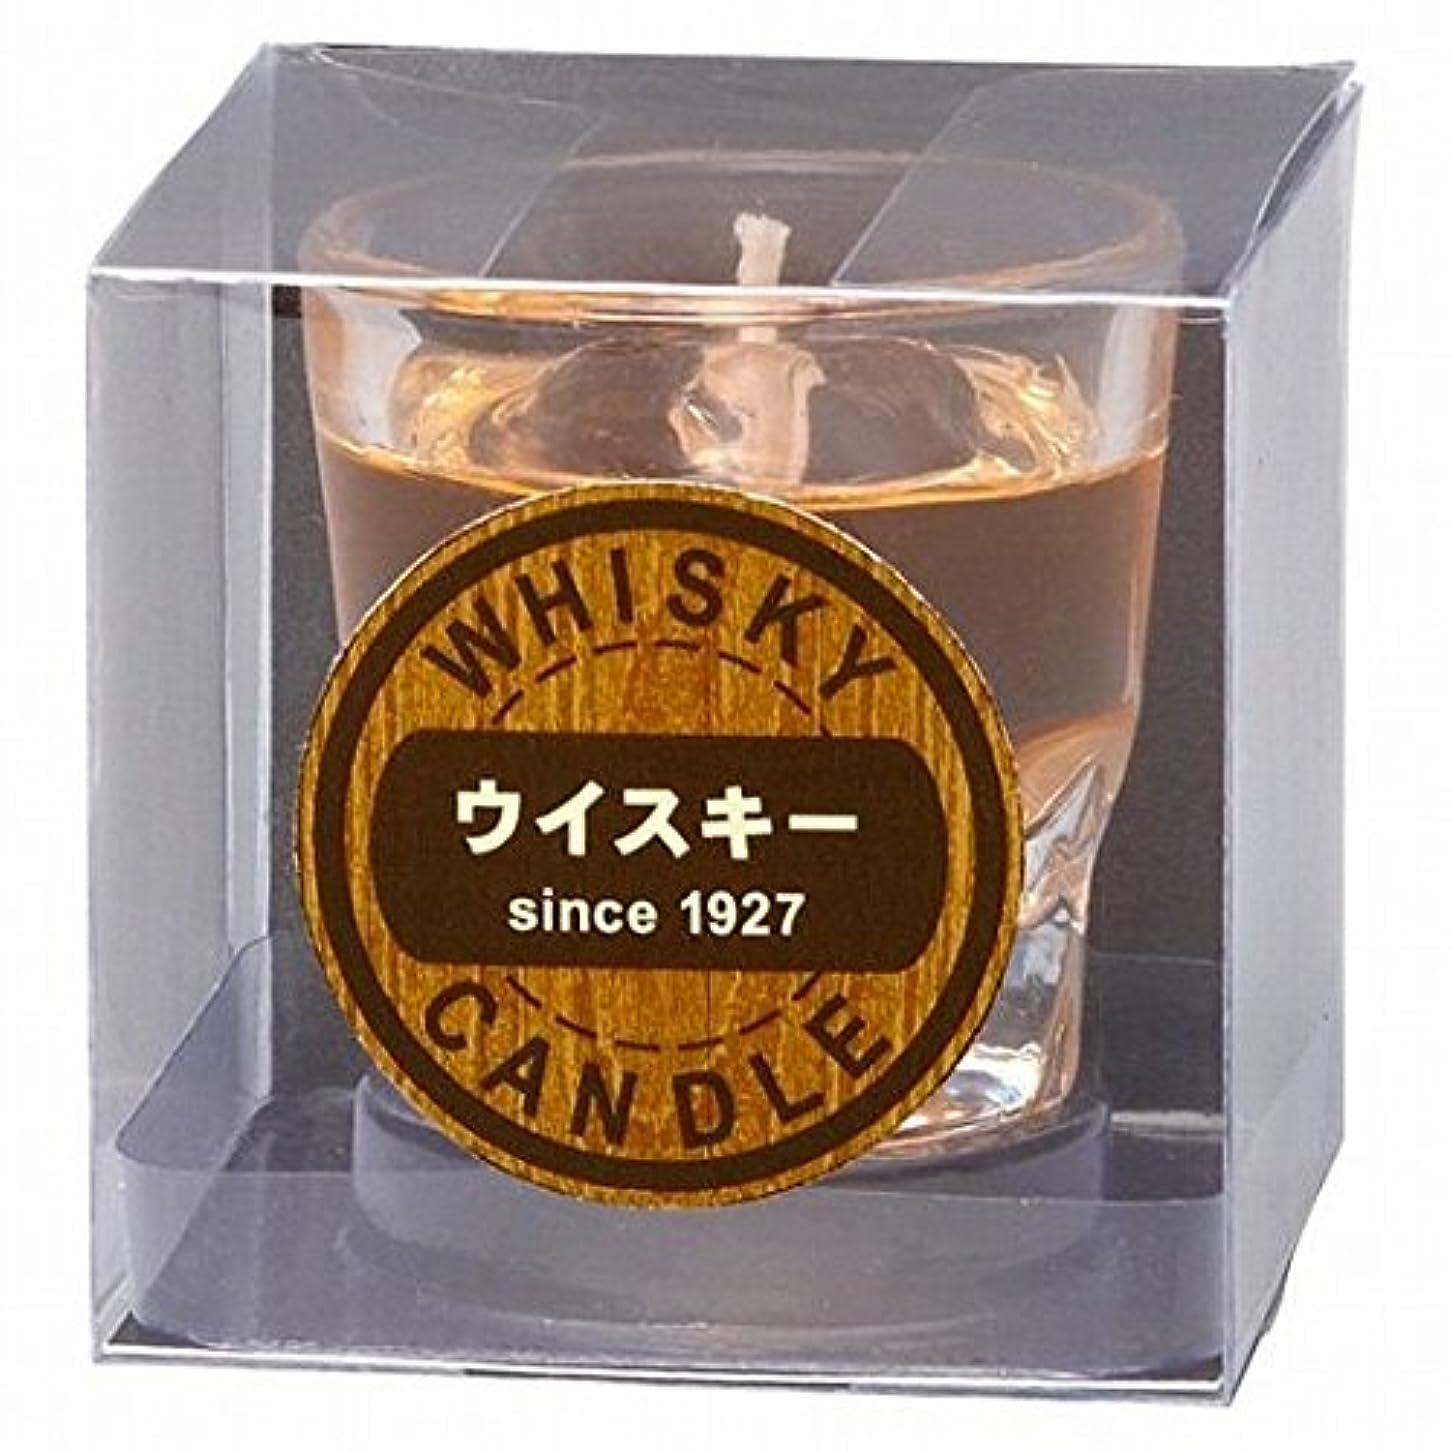 メイドクレア酔ったkameyama candle(カメヤマキャンドル) ウイスキーロックキャンドル(86170000)